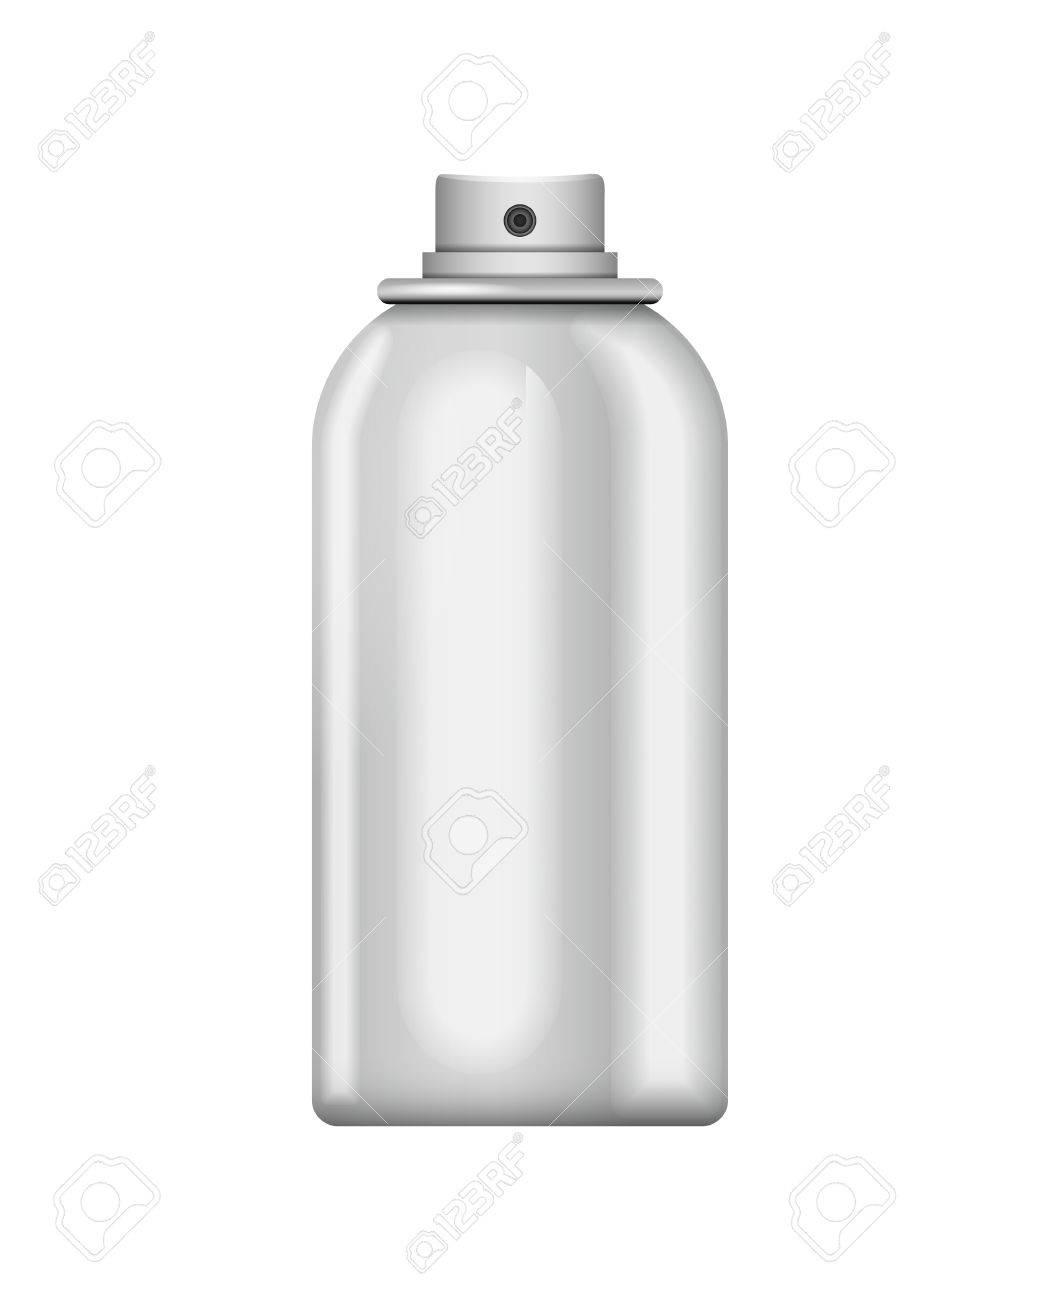 空白アルミ スプレー缶で孤立した白い背景 デザインのテンプレート